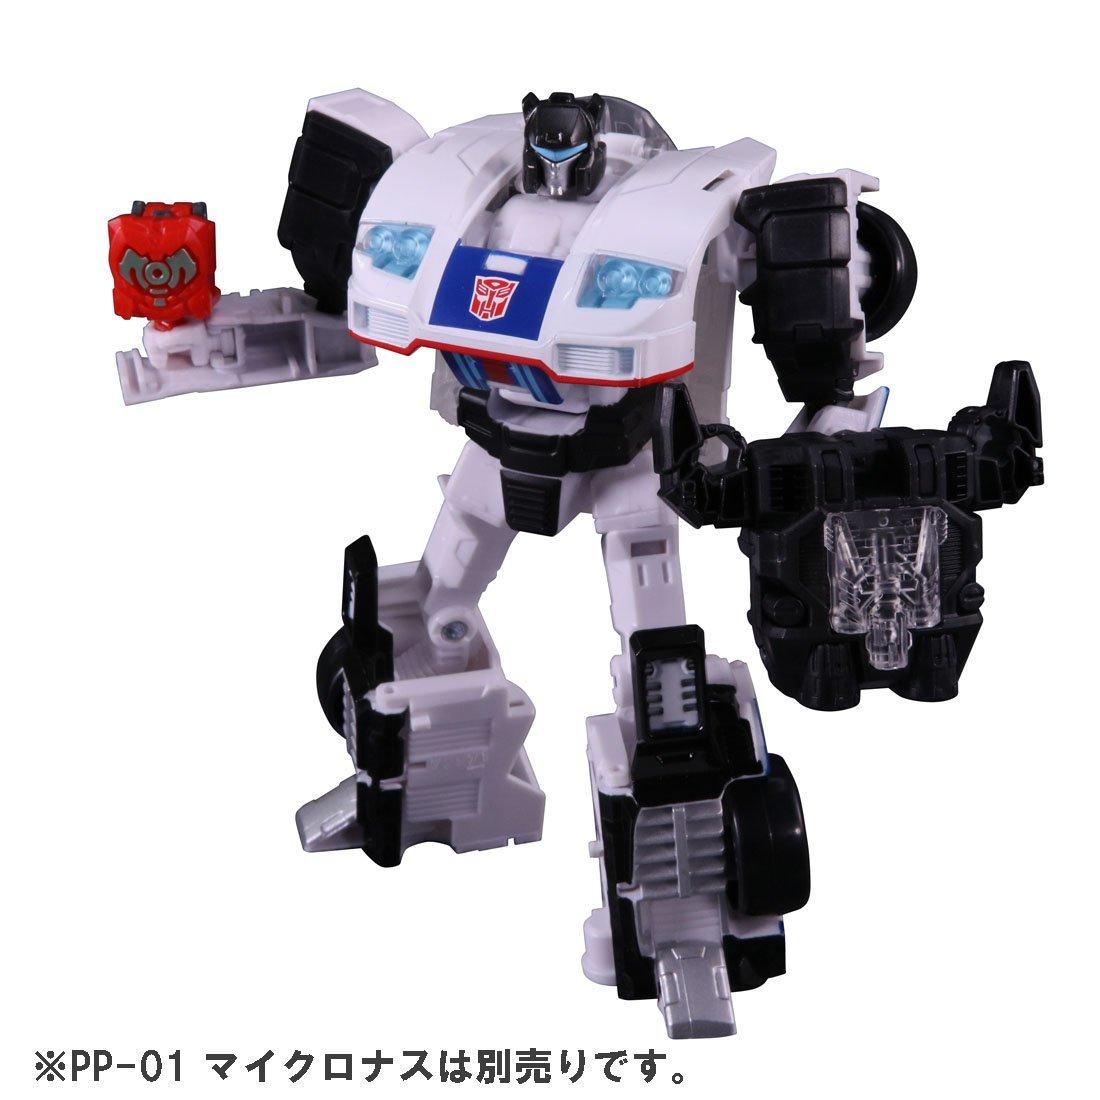 トランスフォーマー パワーオブザプライム PP-07 オートボットジャズ-007